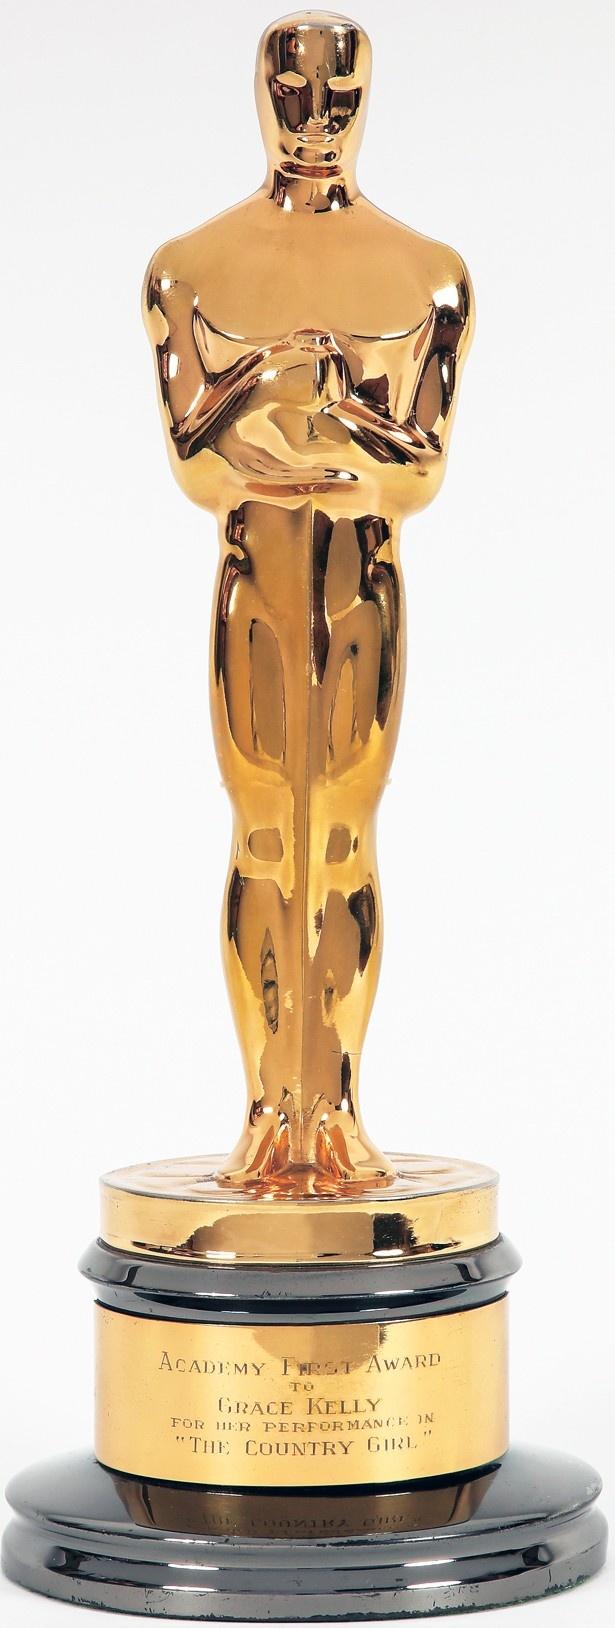 1955年に受賞したオスカー像の実物